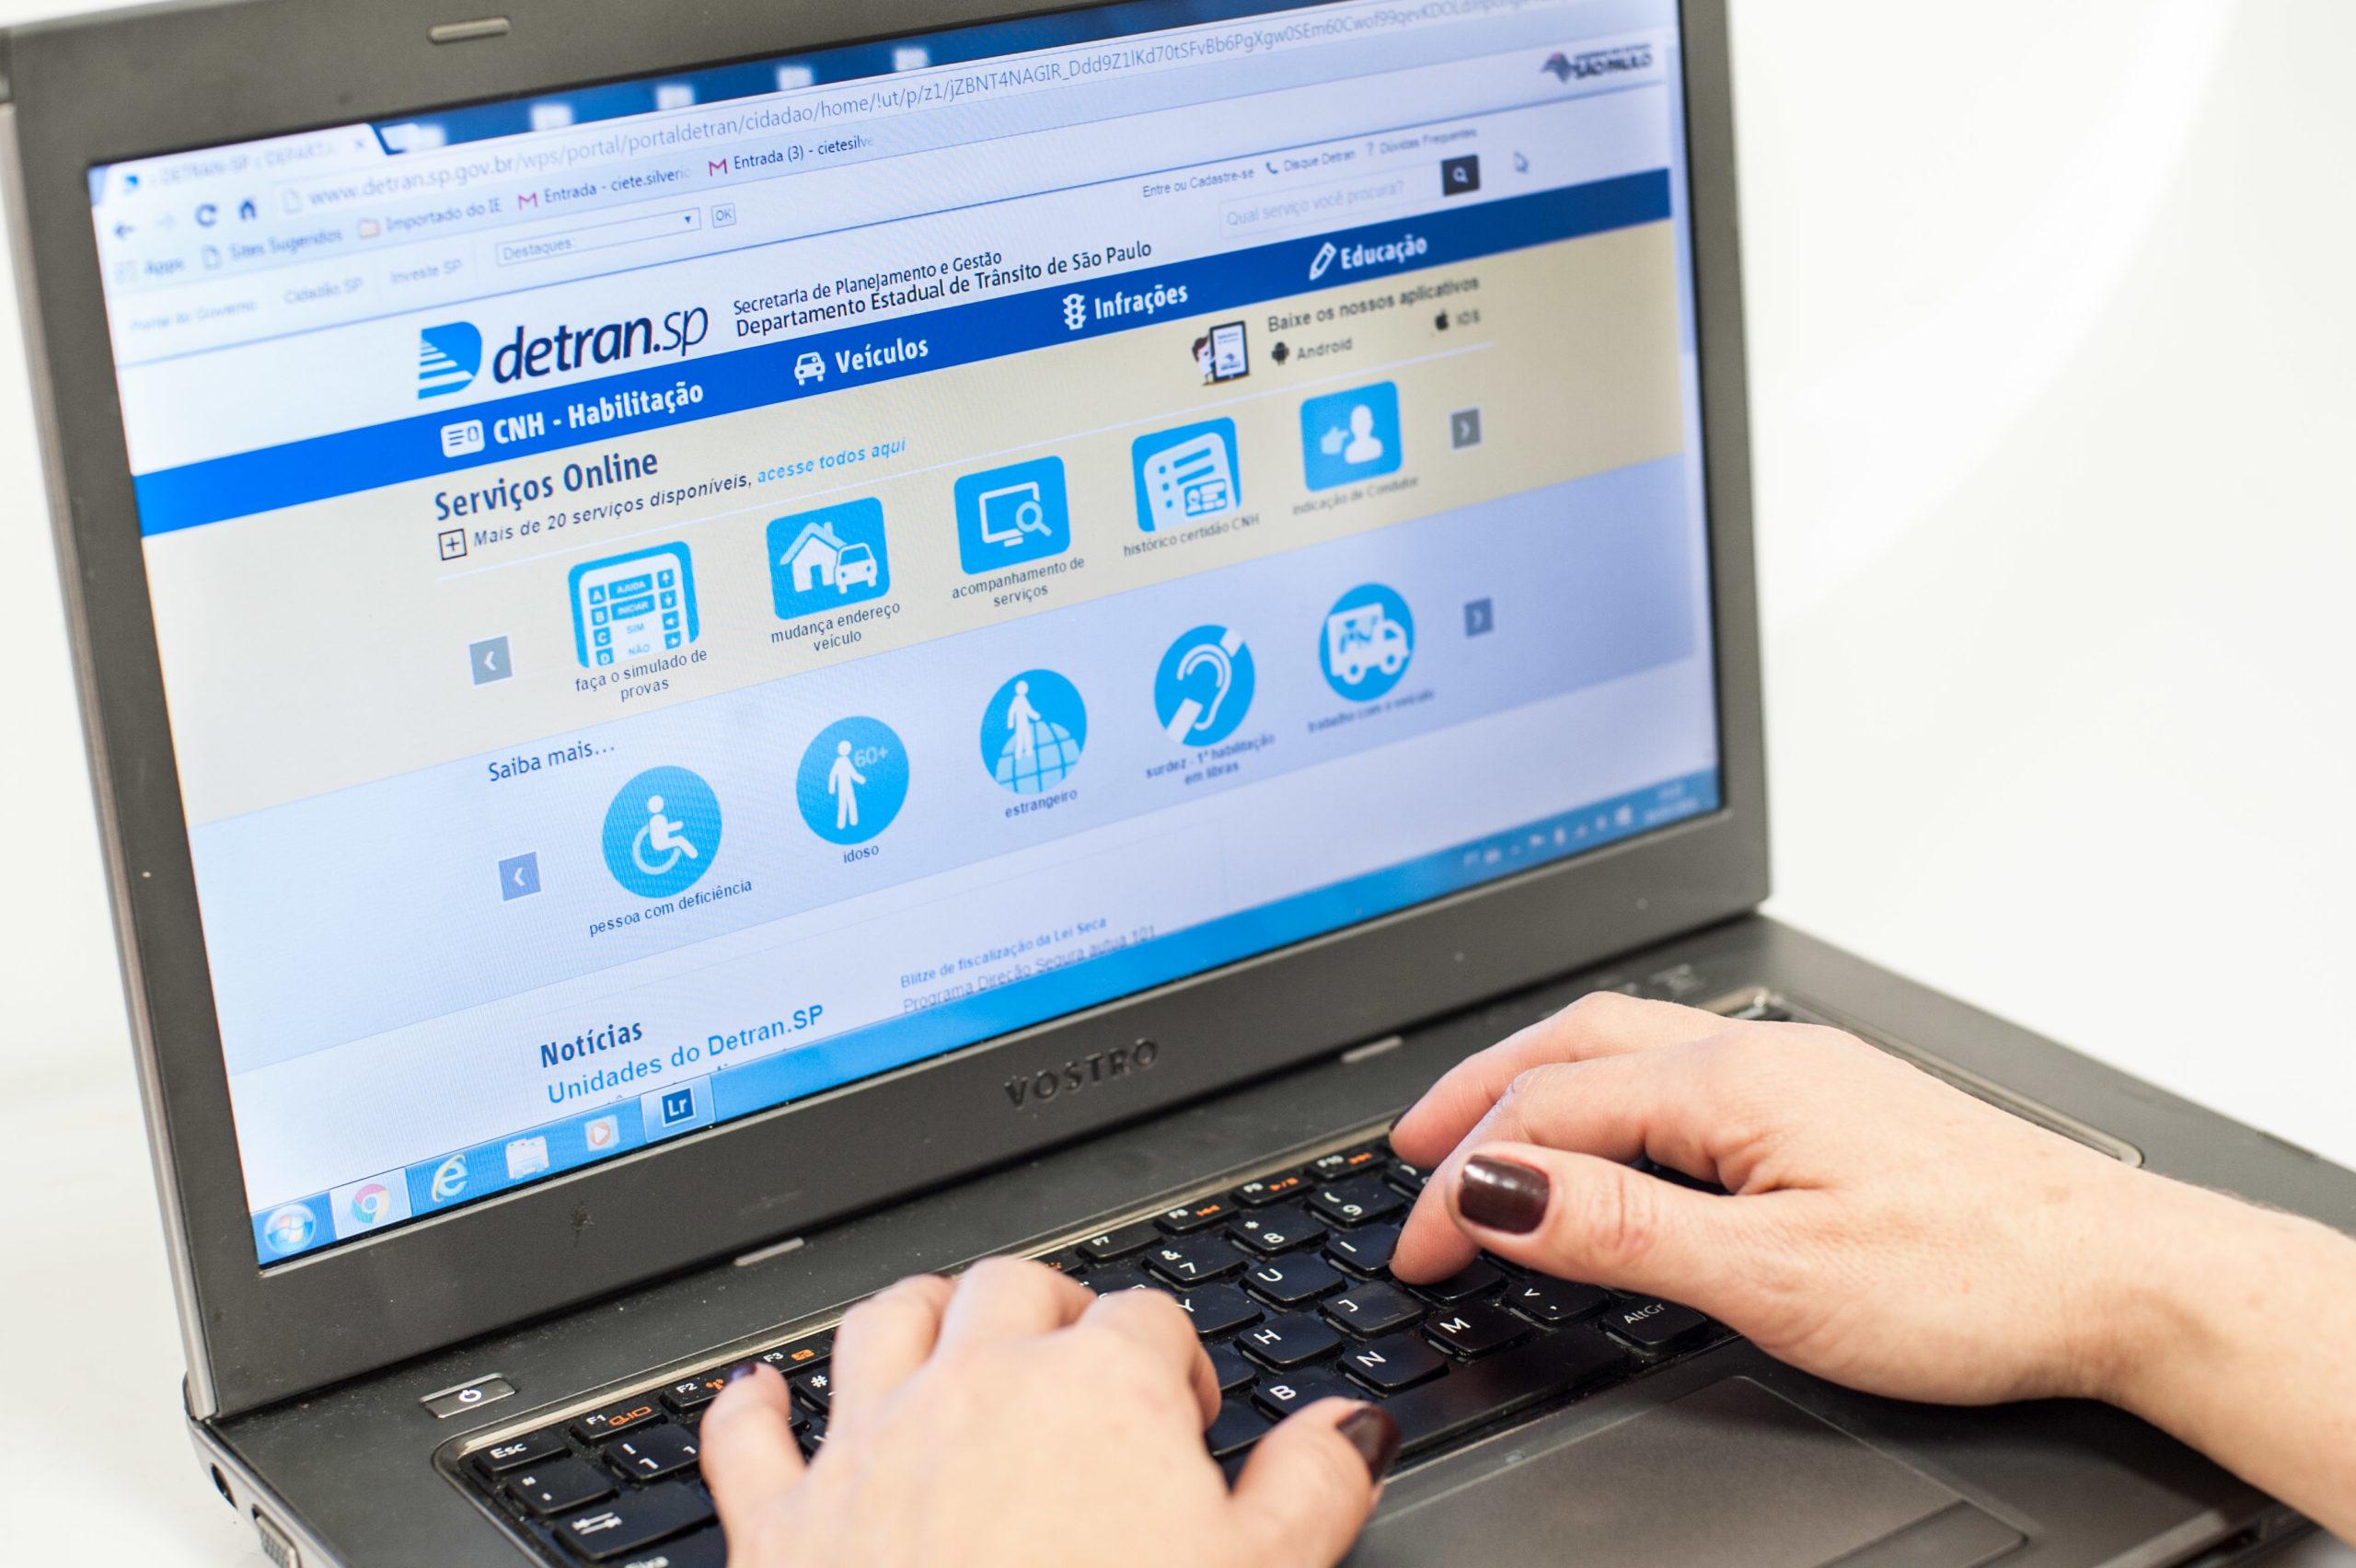 Consulte pelo site do Detran os pontos e multas da sua habilitação